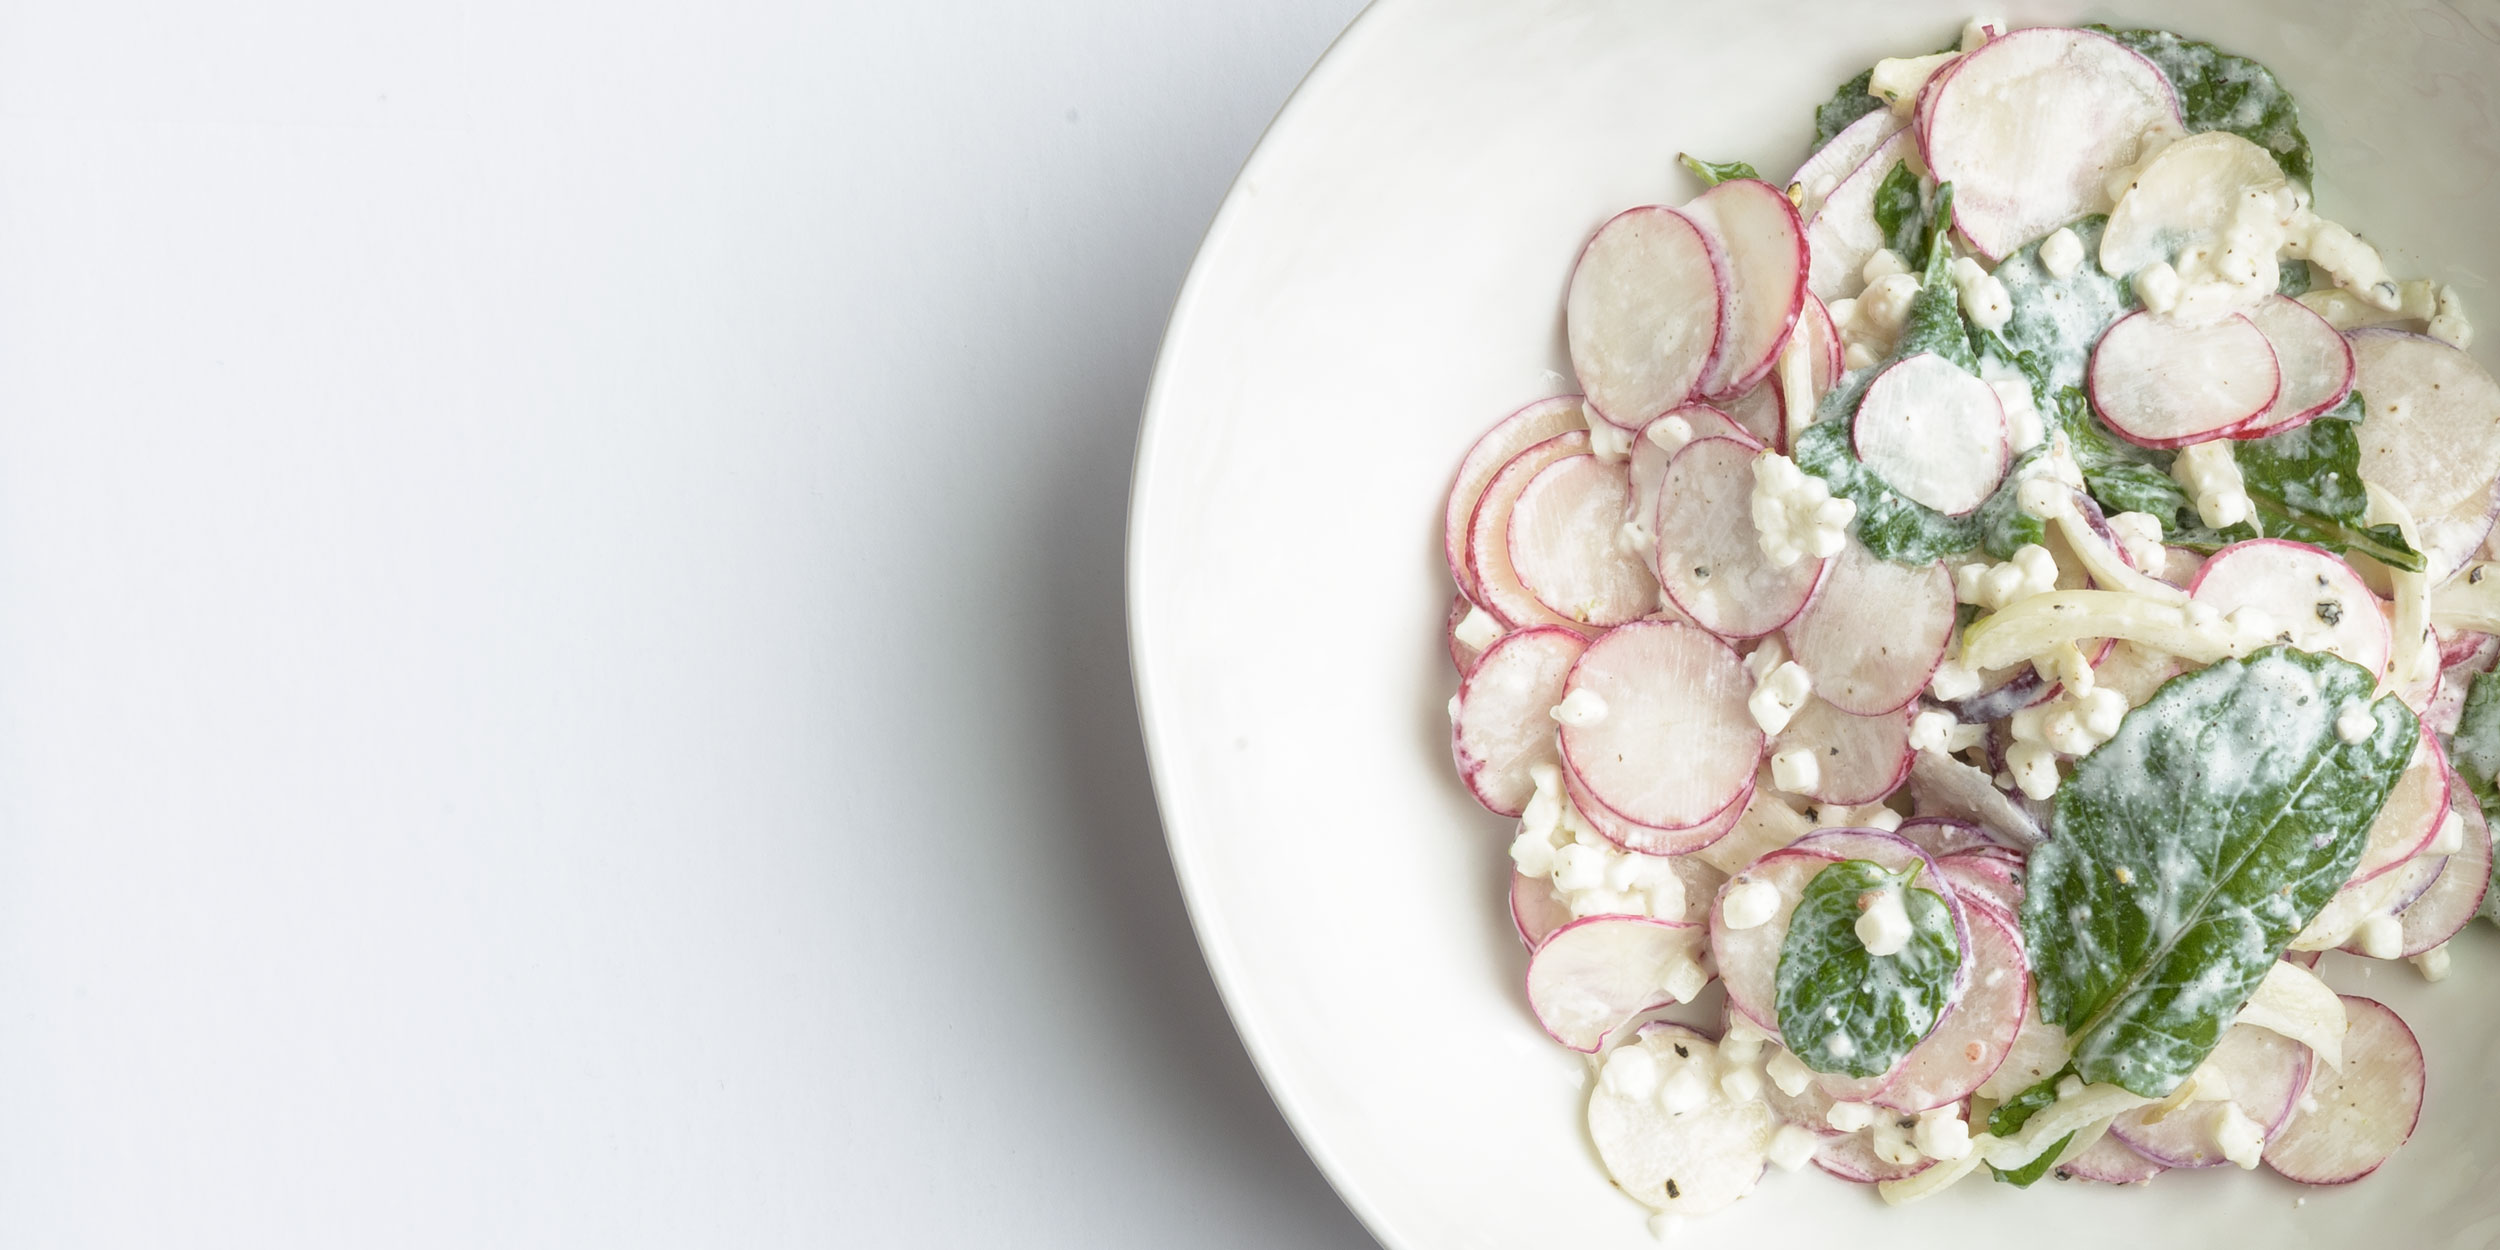 180110---salads-1-030.jpg